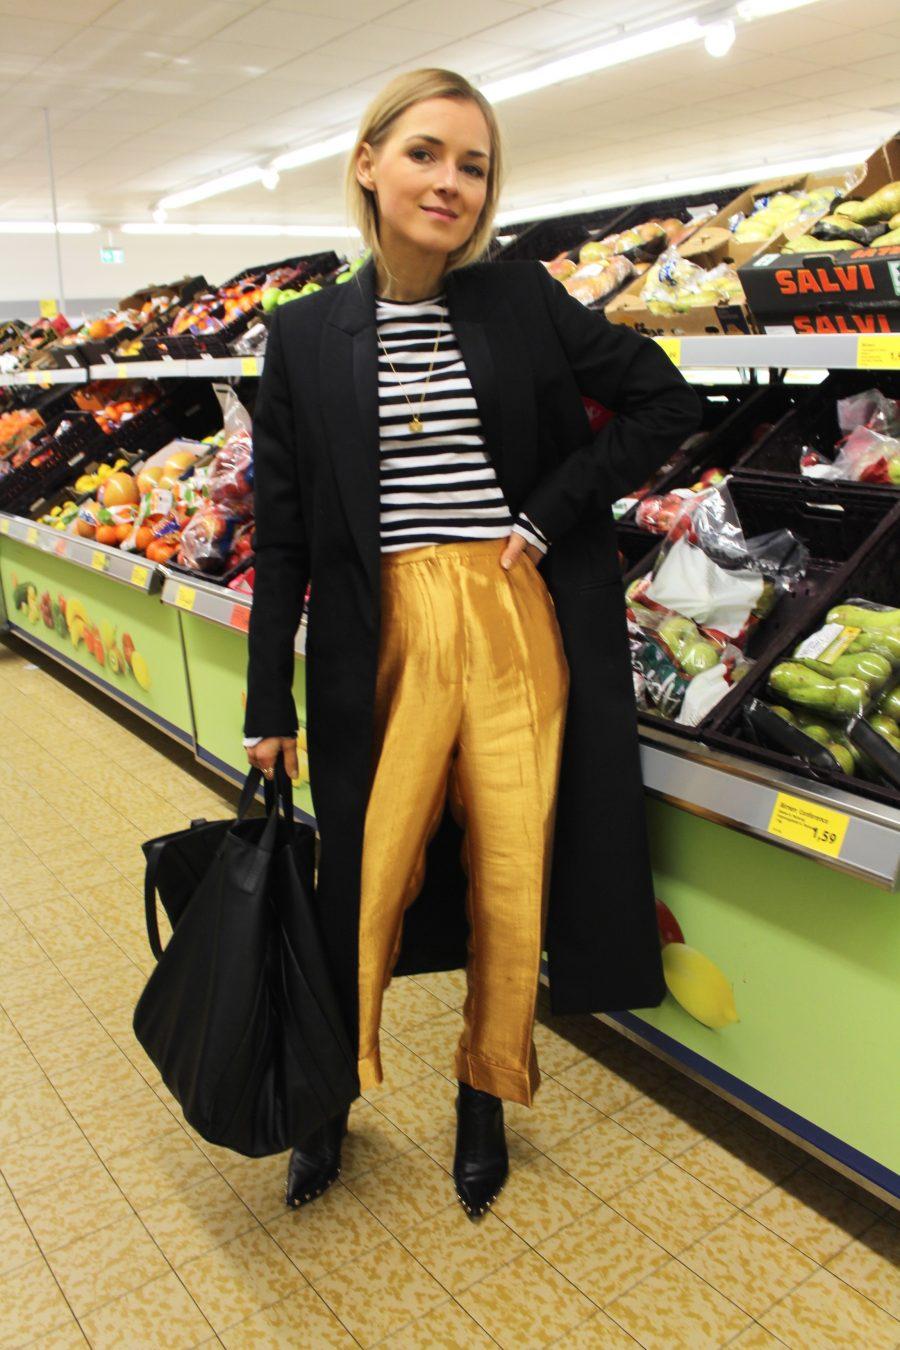 The Gold Suit Pants H&M Trend